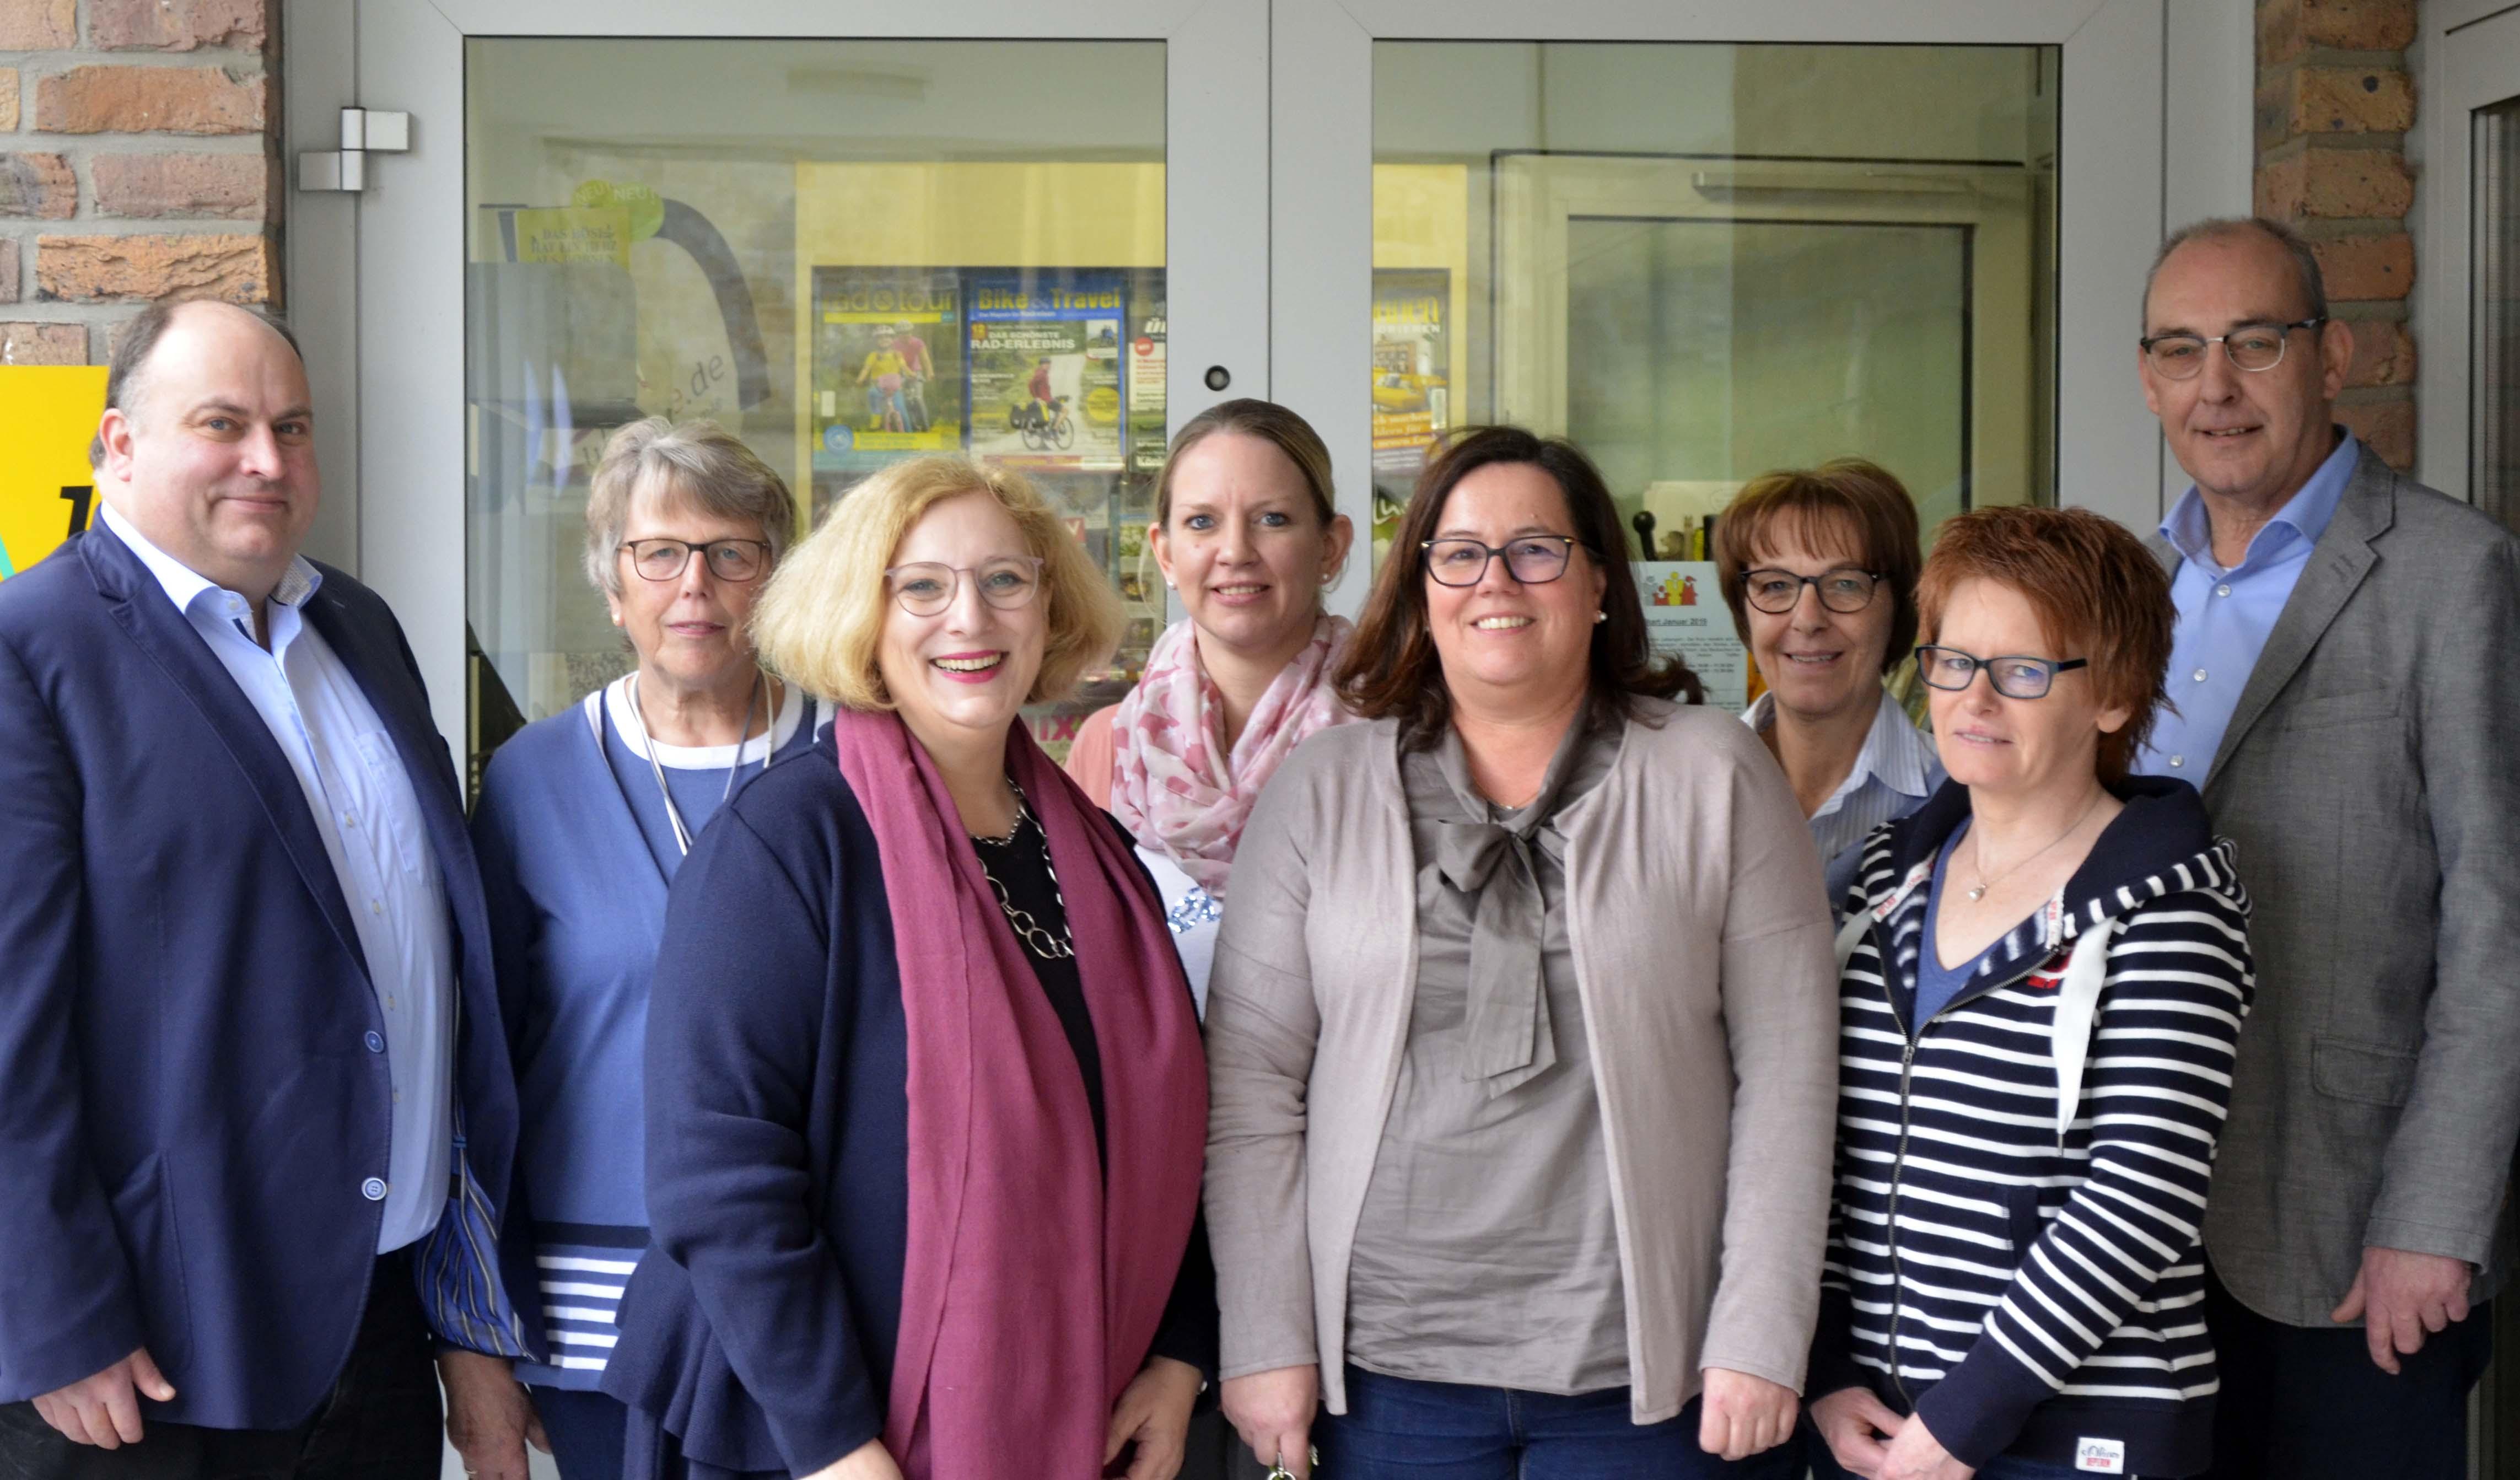 Christian Otten (SPD-OV Salzbergen), Maria Upmann (Büchereiteam), Dr. Daniela De Ridder, Julia Grondmann (Büchereiteam), Kirsten Hülsing (Büchereiteam), Rita Niemeyer (Büchereiteam), Claudia Rautland (Büchereiteam), Hubert Rausing (Fachbereichsleiter Gemeinde Salzbergen)